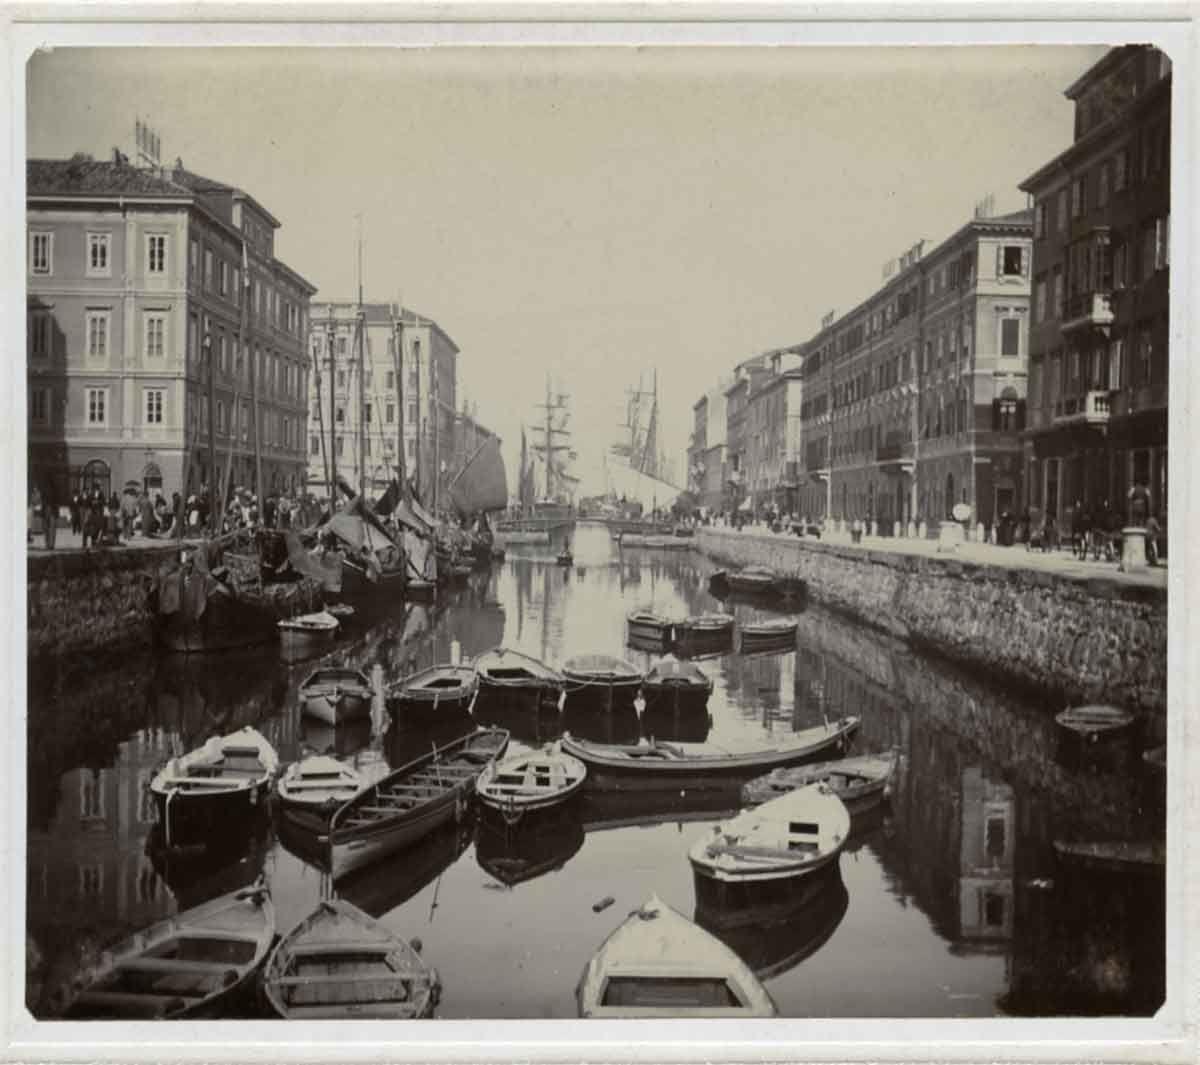 Hektor antoniazzo canal grande 18 maggio 1900 epoche for Mobilia trieste piazza sansovino